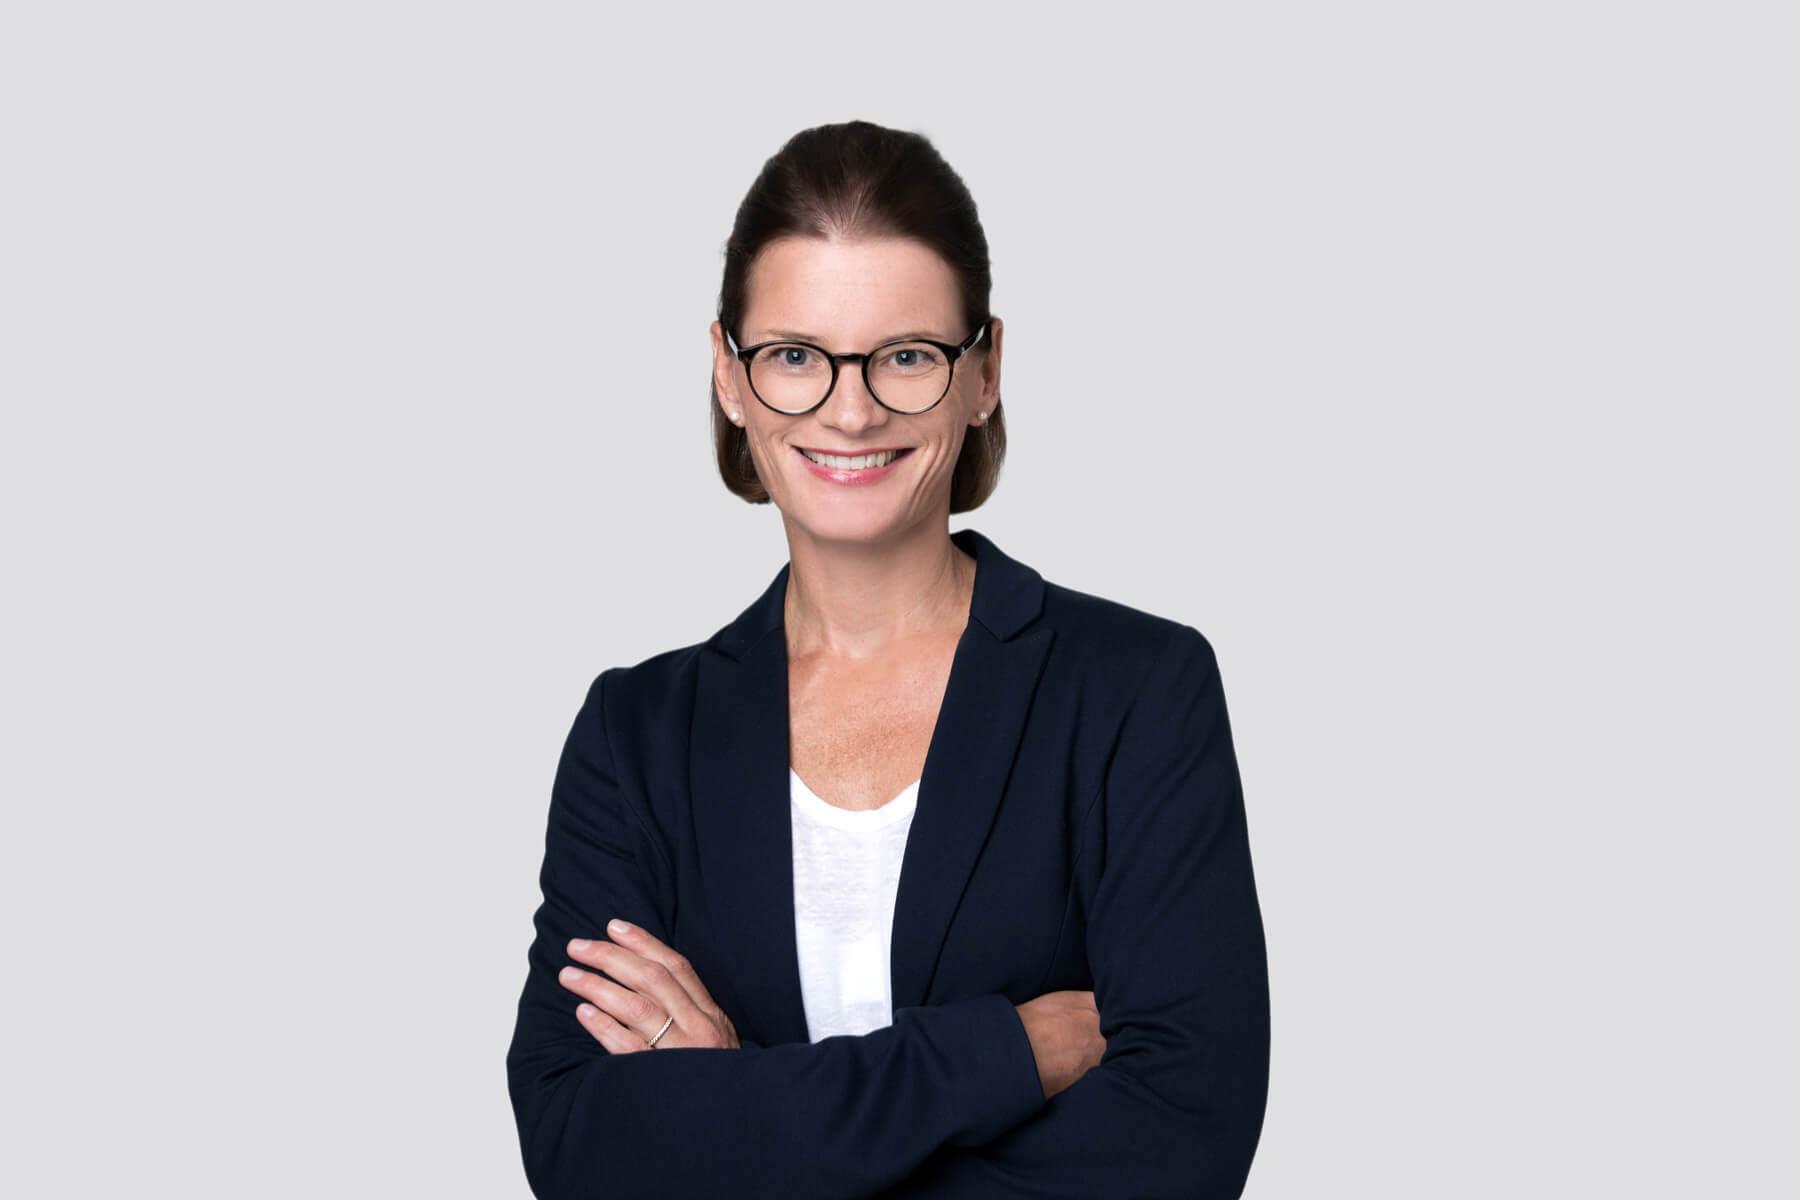 Franziska Studer - Senior Case Manager